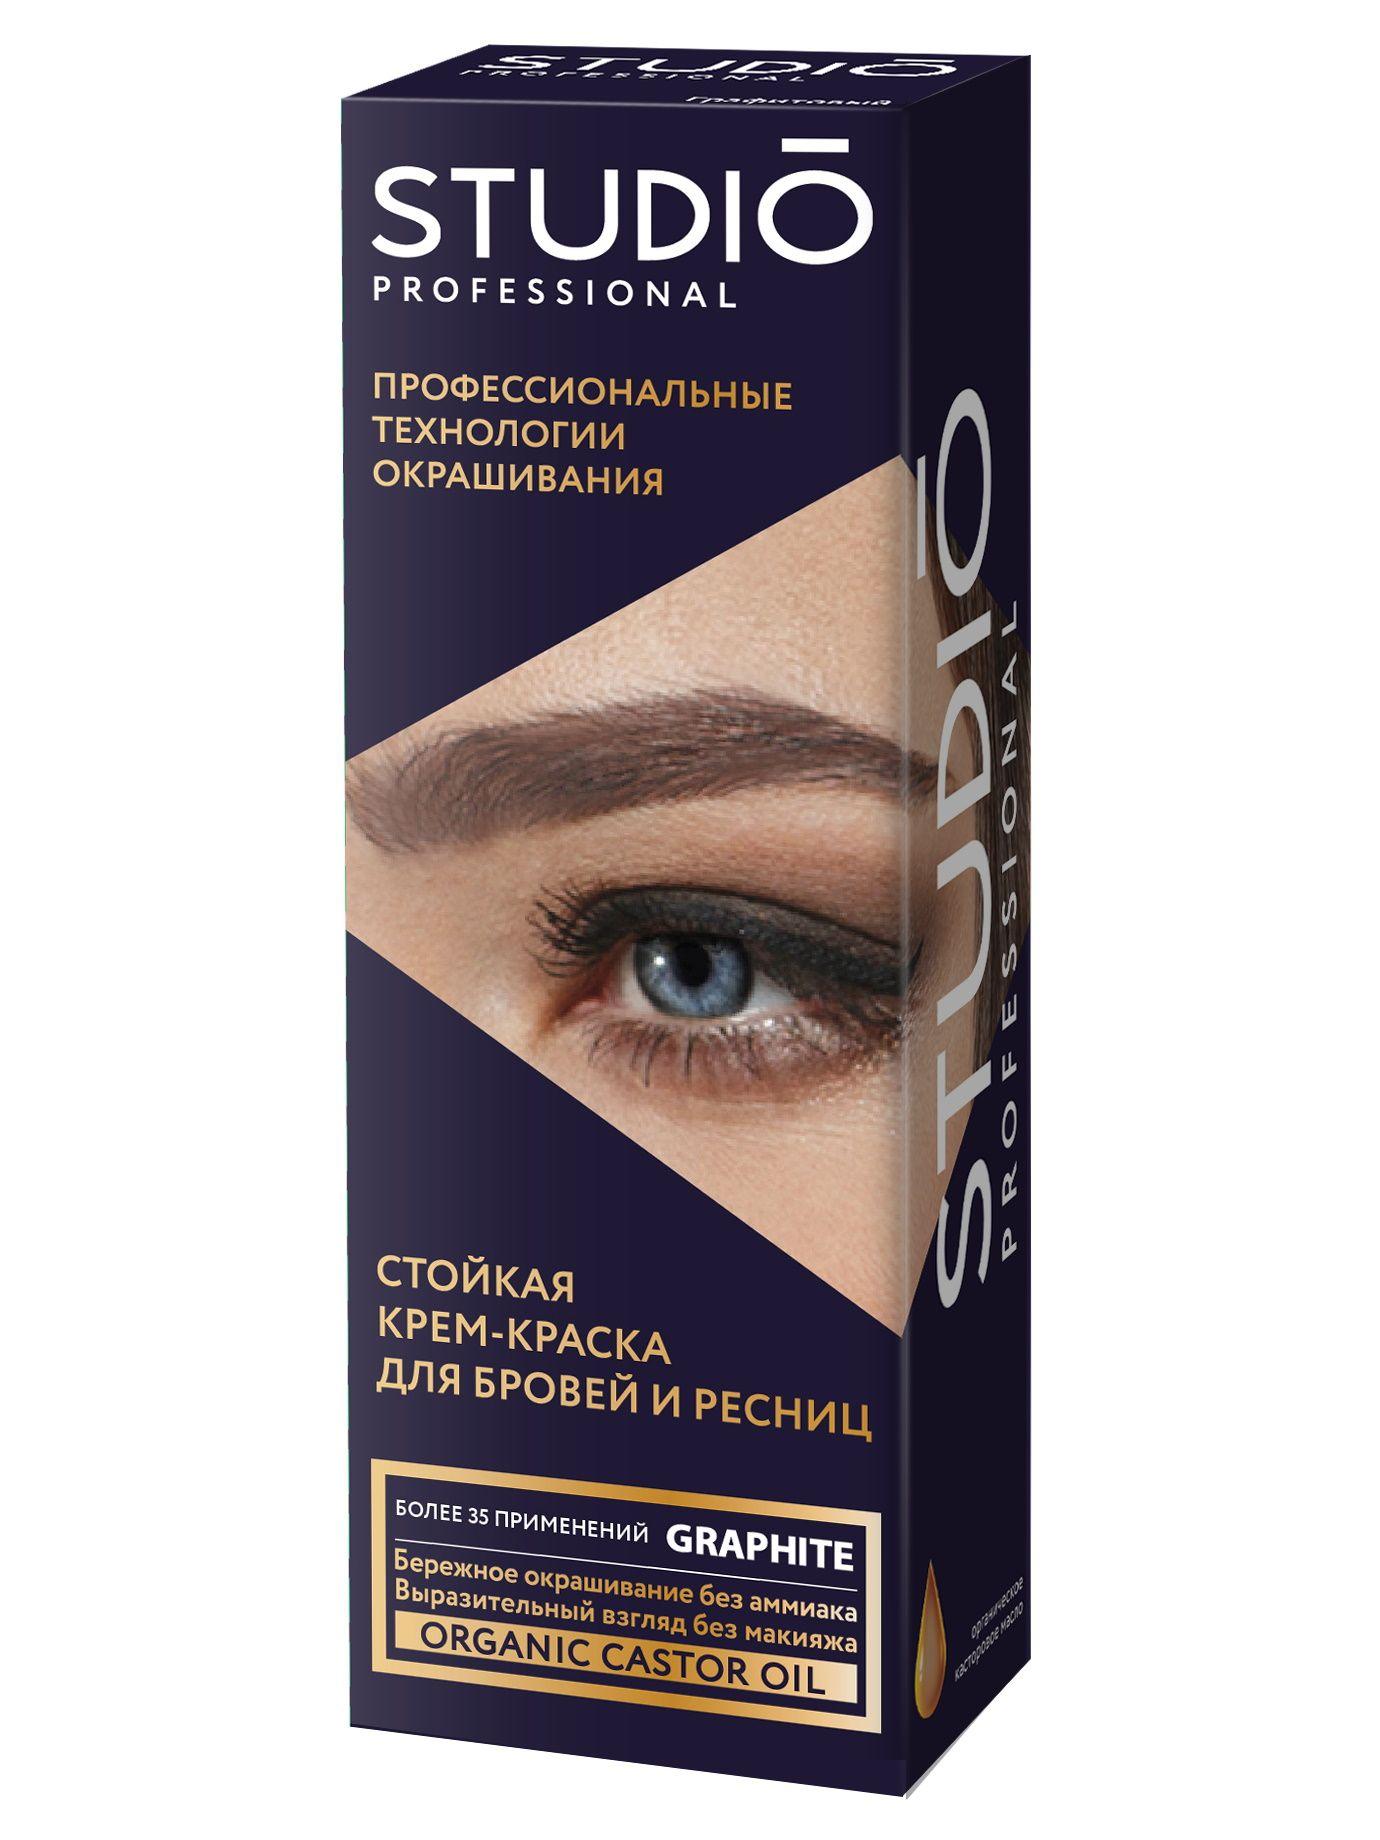 Купить Комплект для окрашивания бровей и ресниц STUDIO PROFESSIONAL графит 50+30 мл